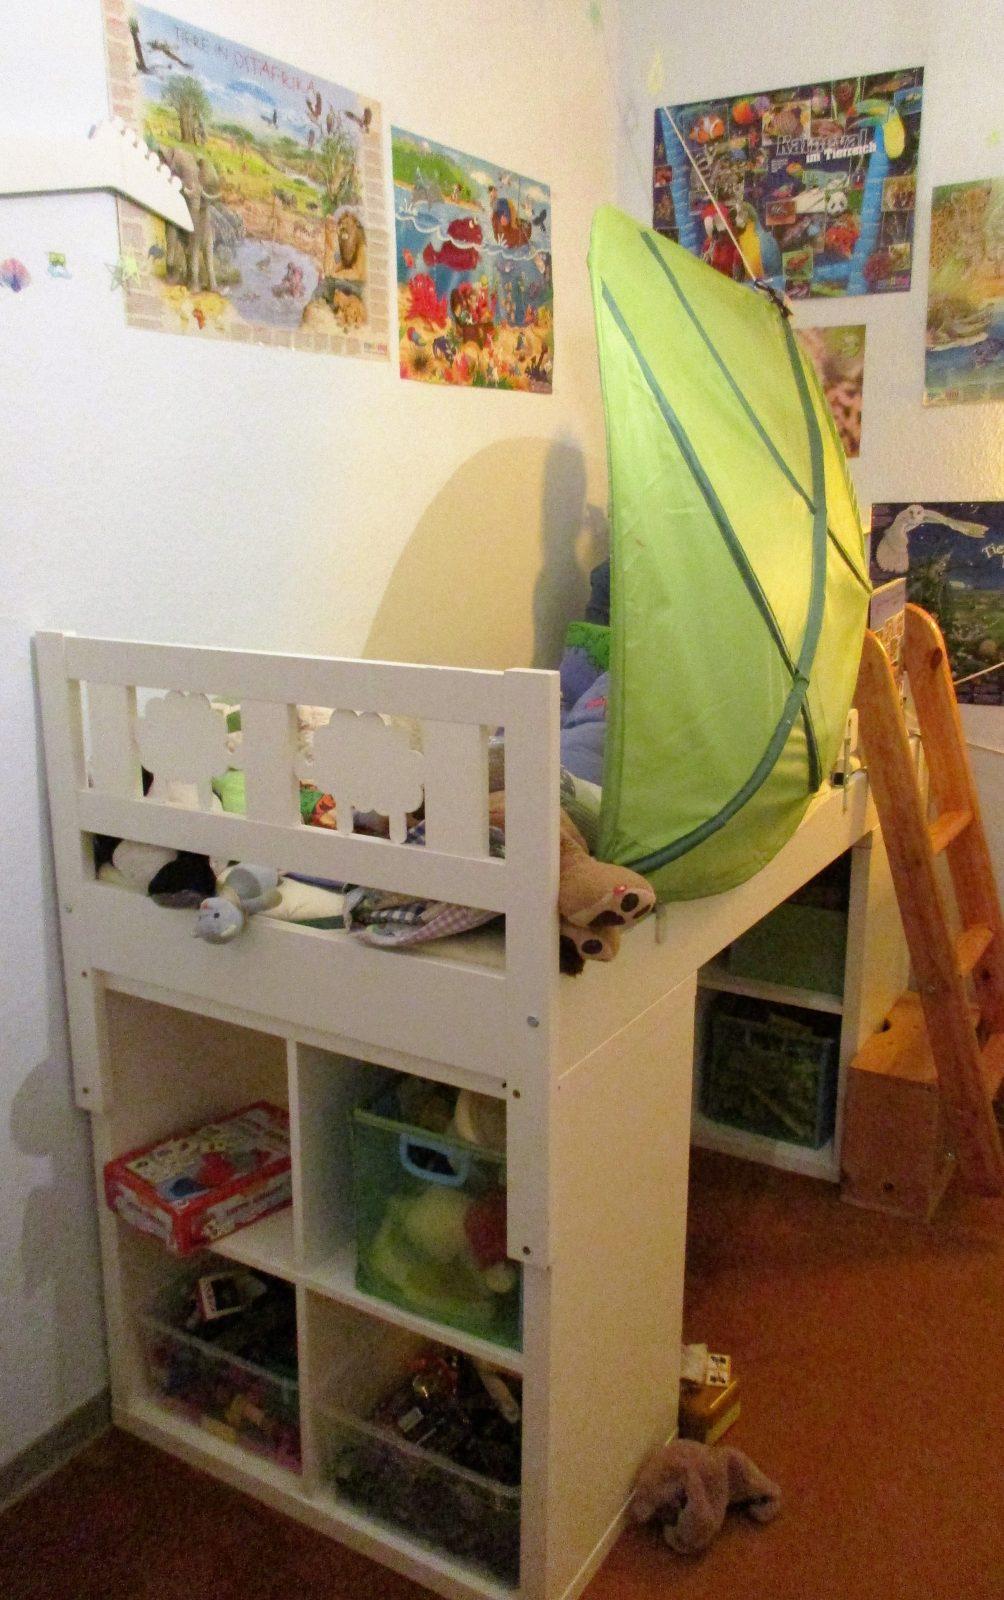 Hochbett Selber Bauen 2X Kallax Regal Von Ikea Unter Das Bett von Hochbett Mit Rutsche Selber Bauen Bild